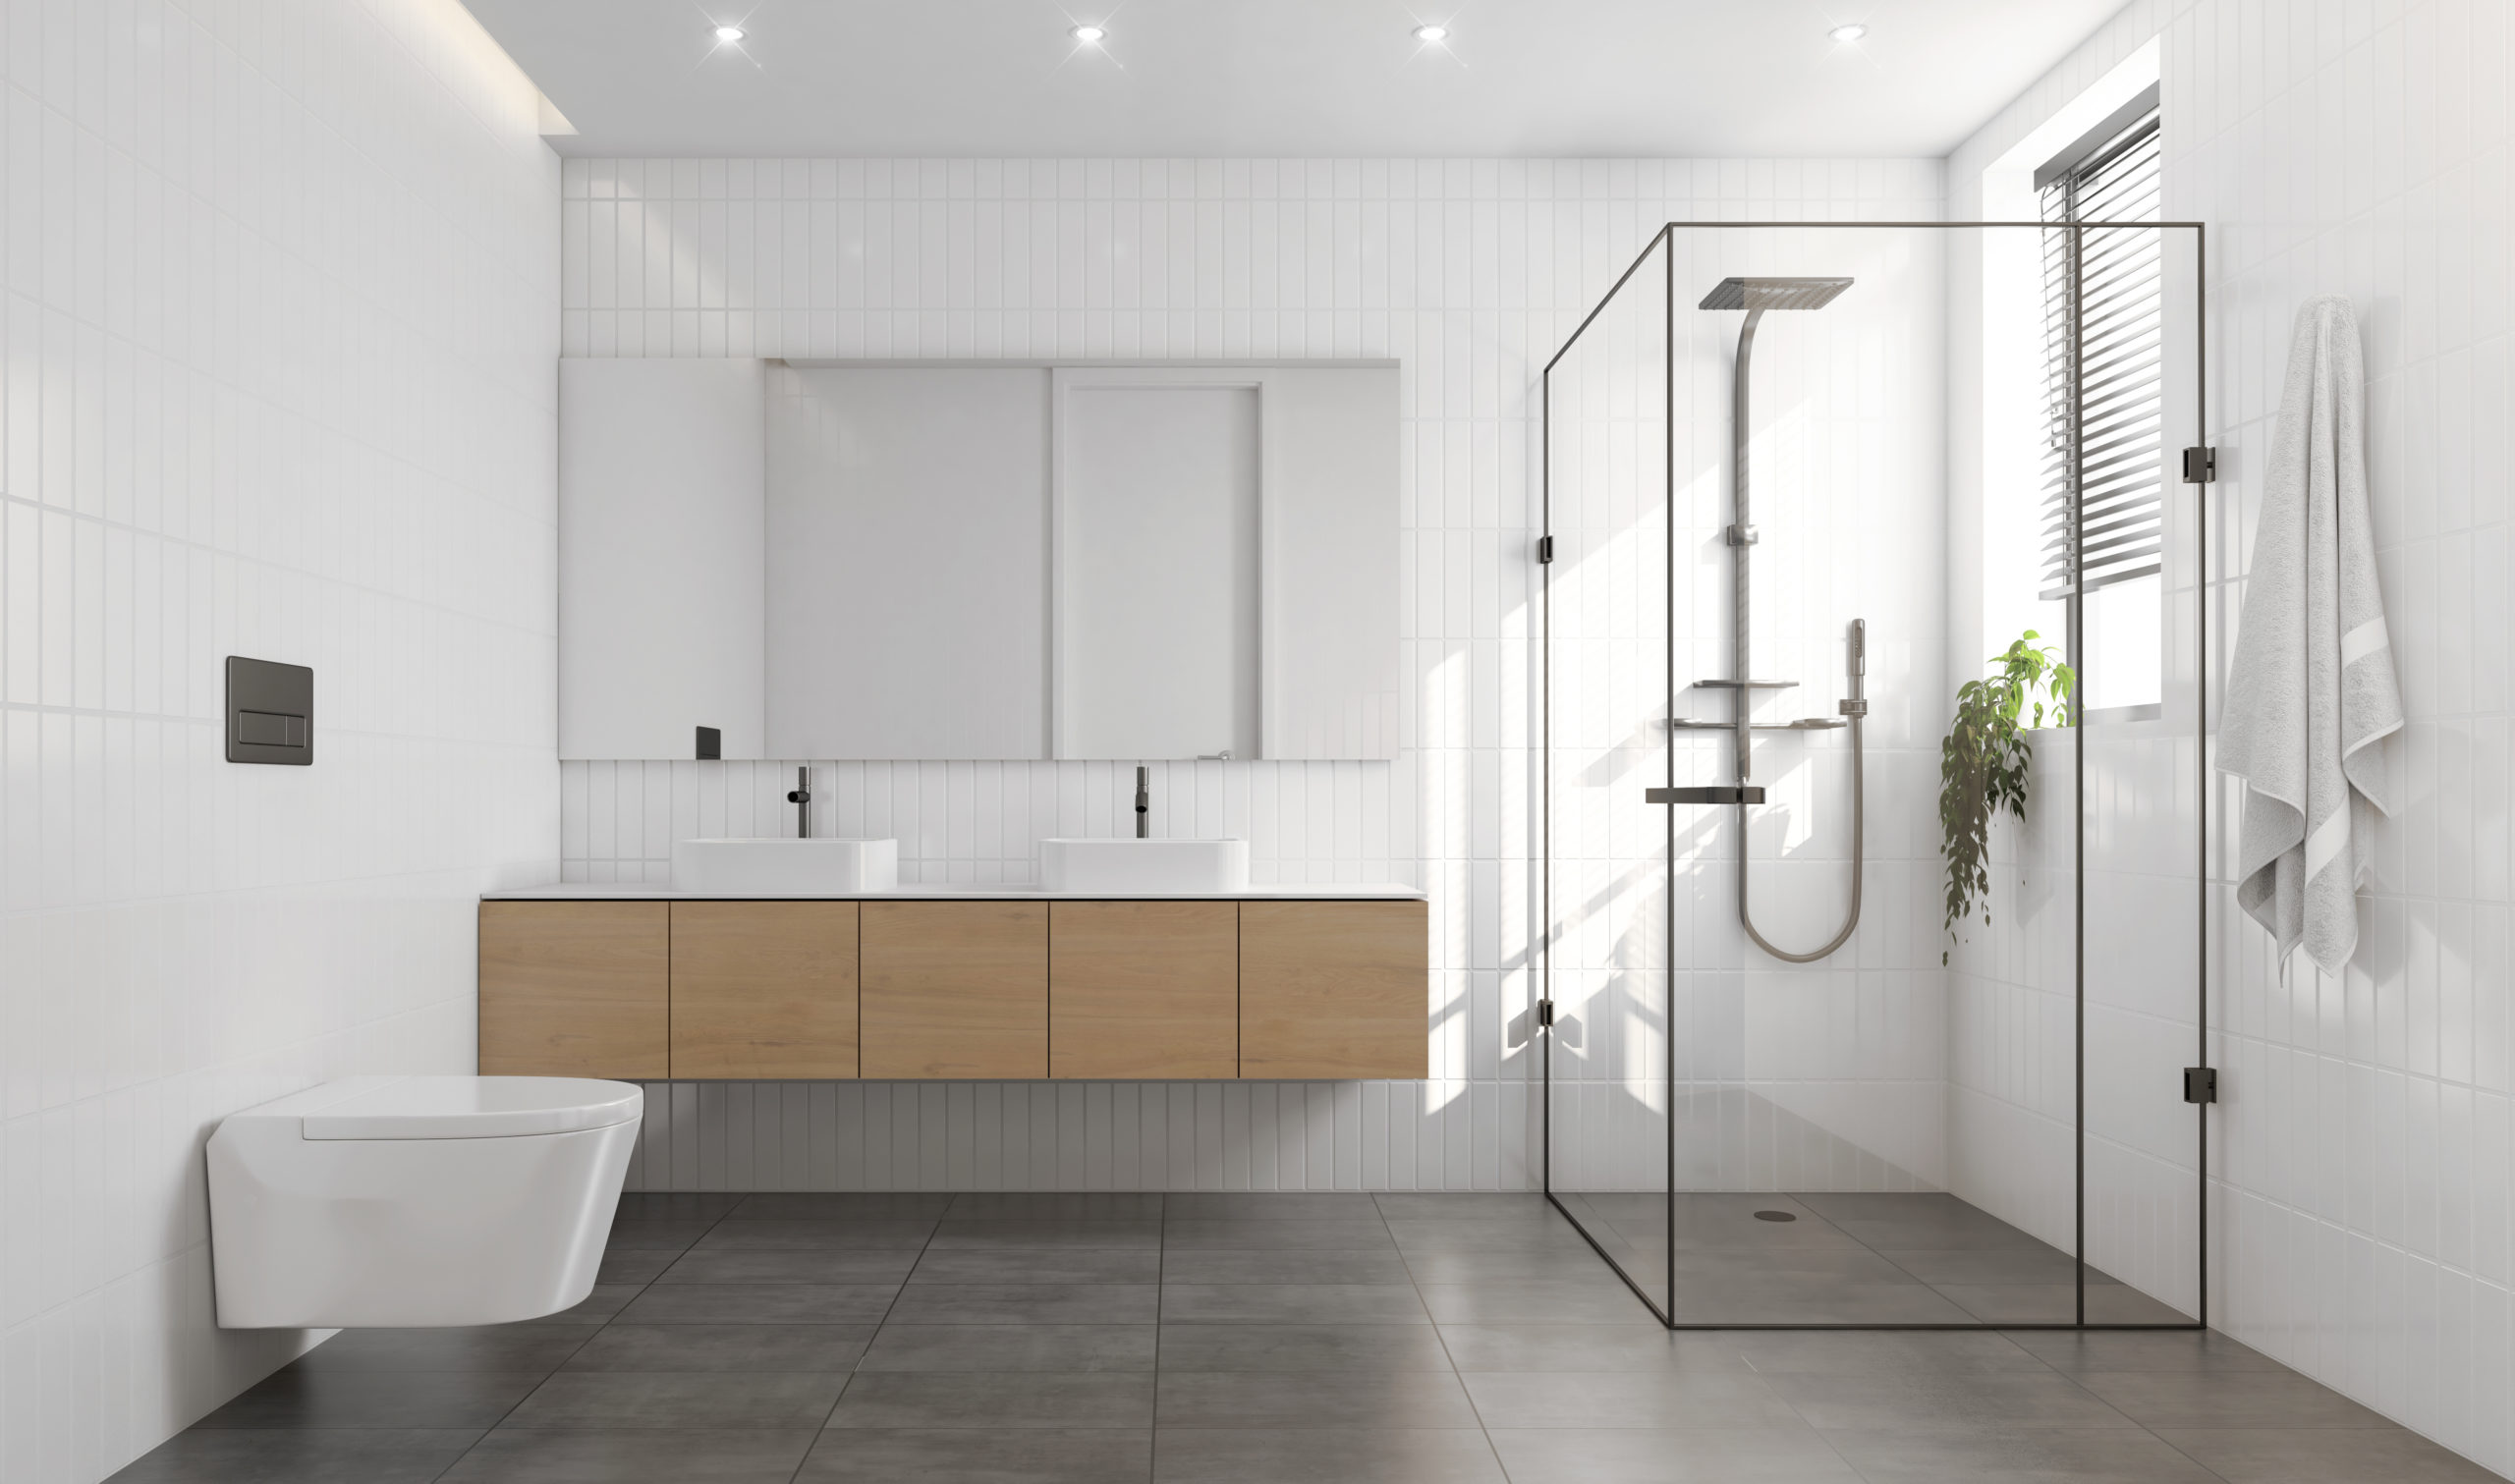 Salle De Bain Et Salle D Eau Différence prix et installation d'une verrière de salle de bain - tarif